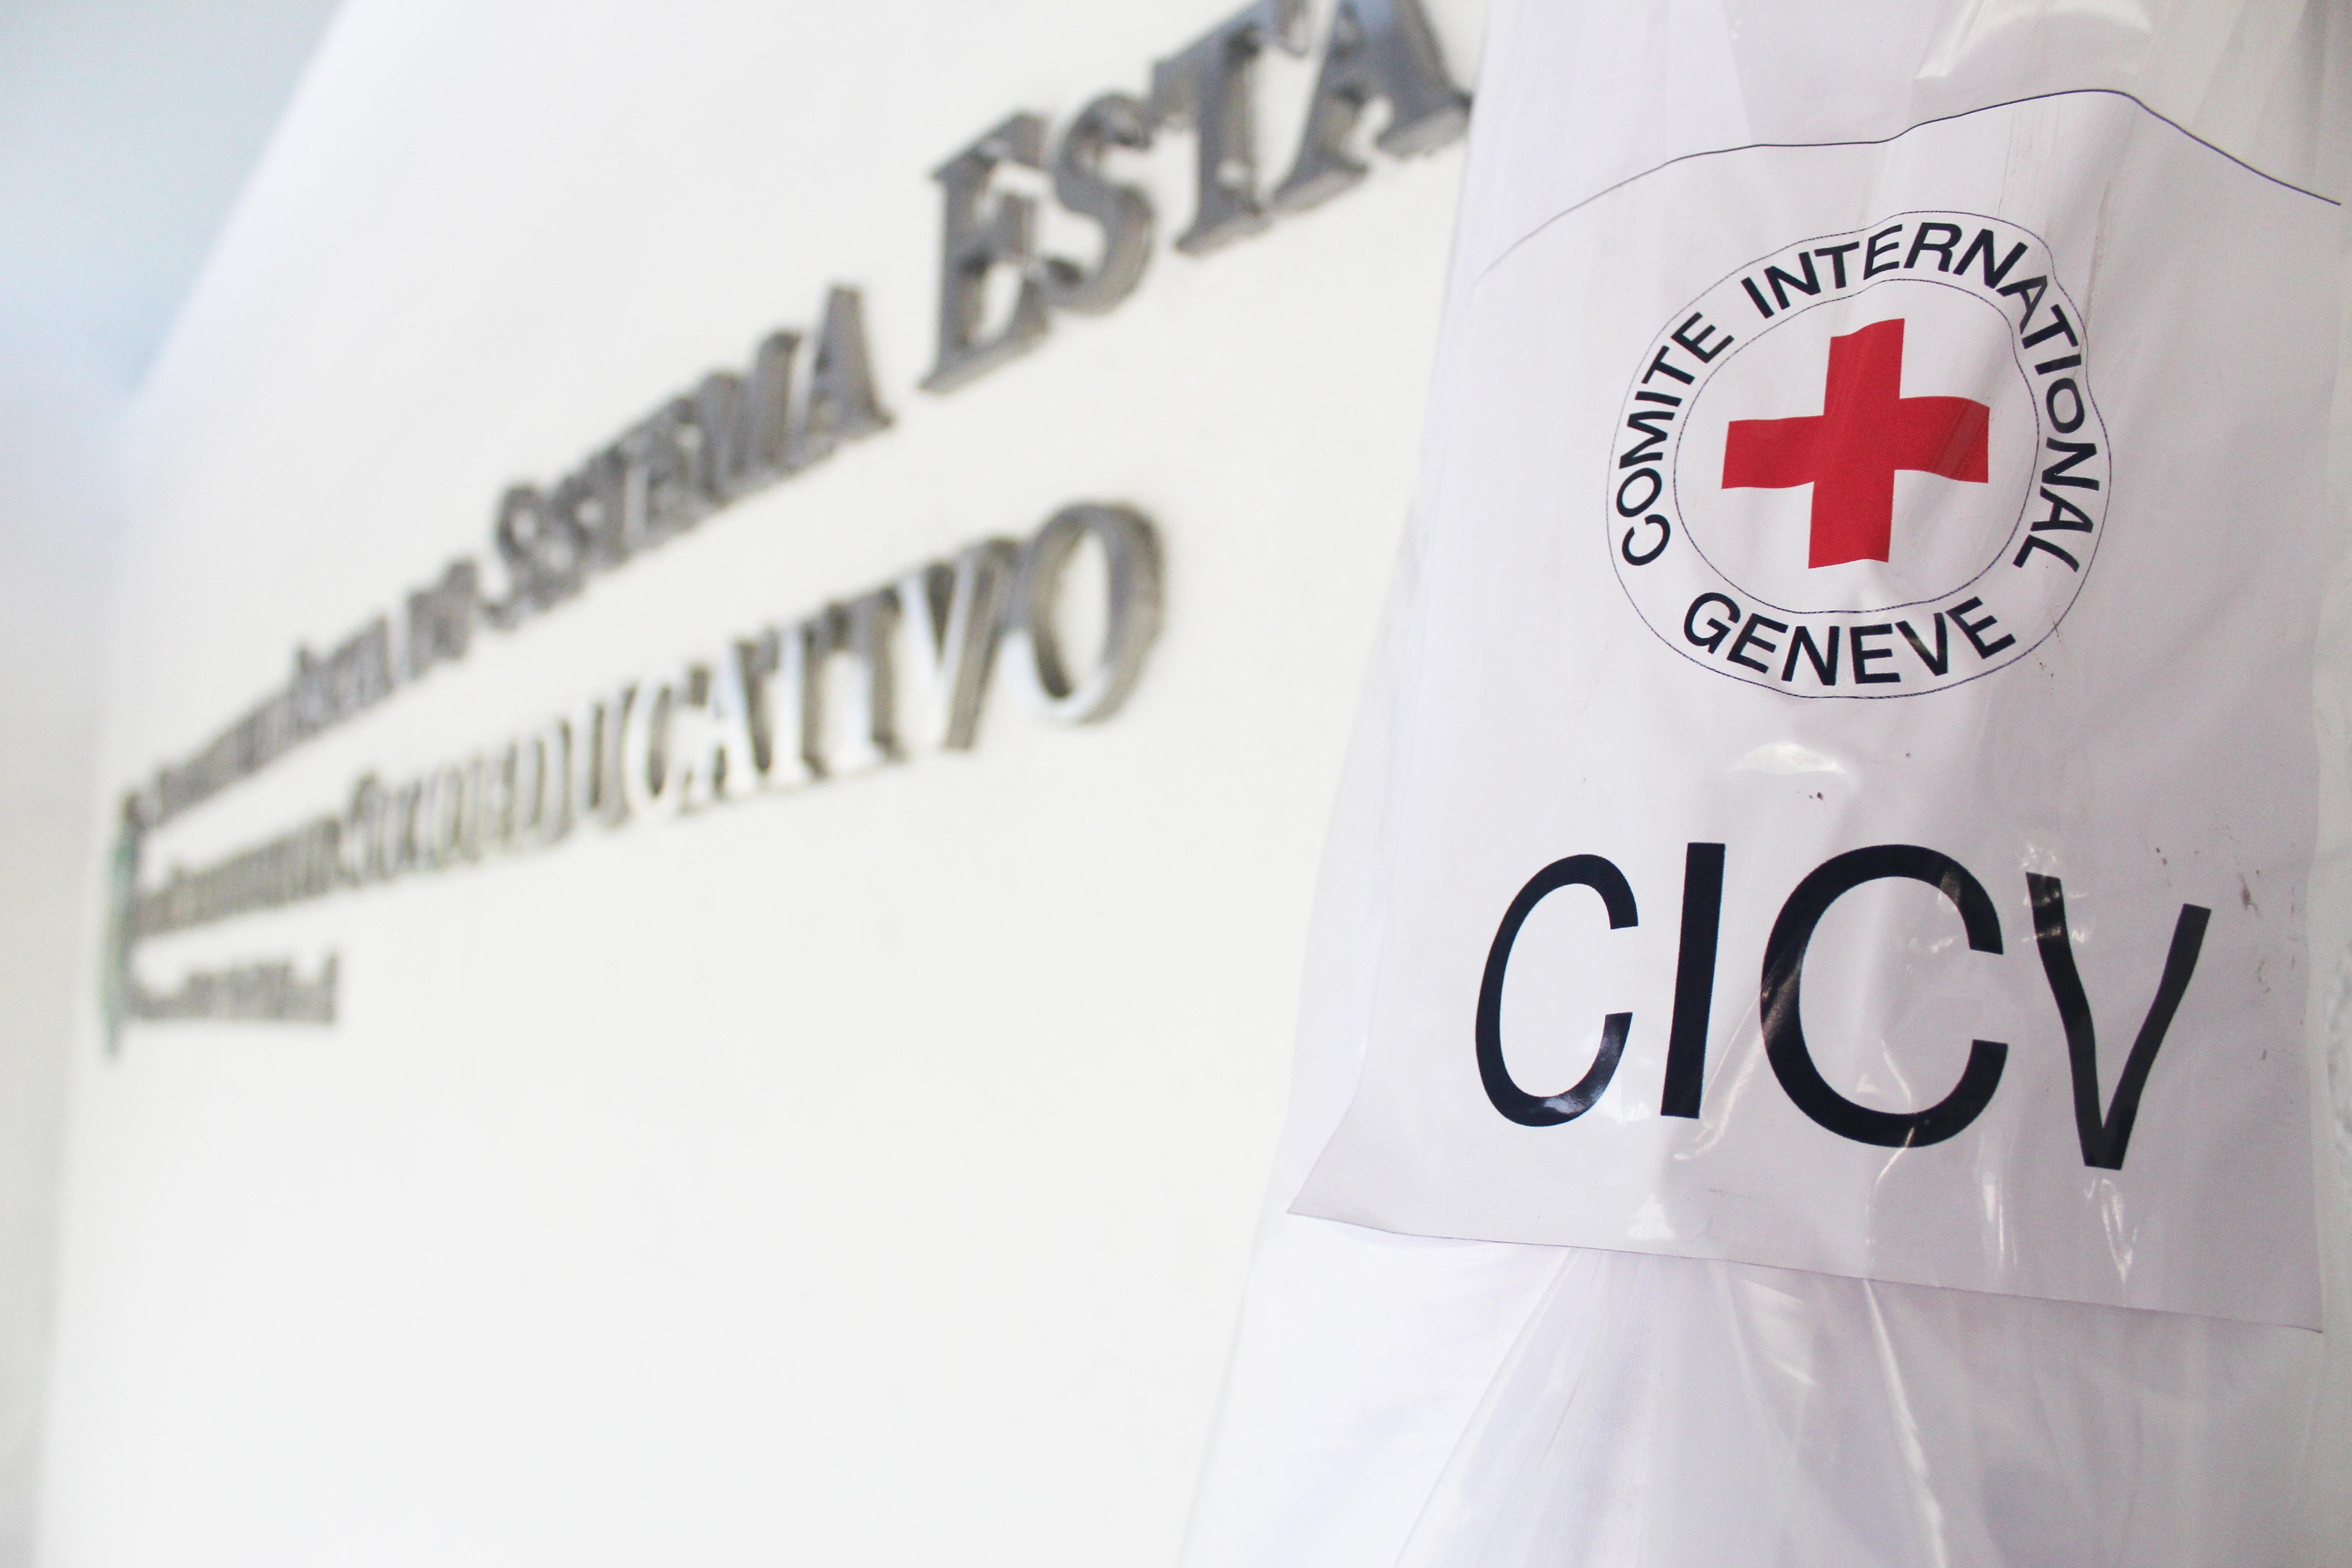 Seas recebe doação de material para confecção de máscaras do CICV